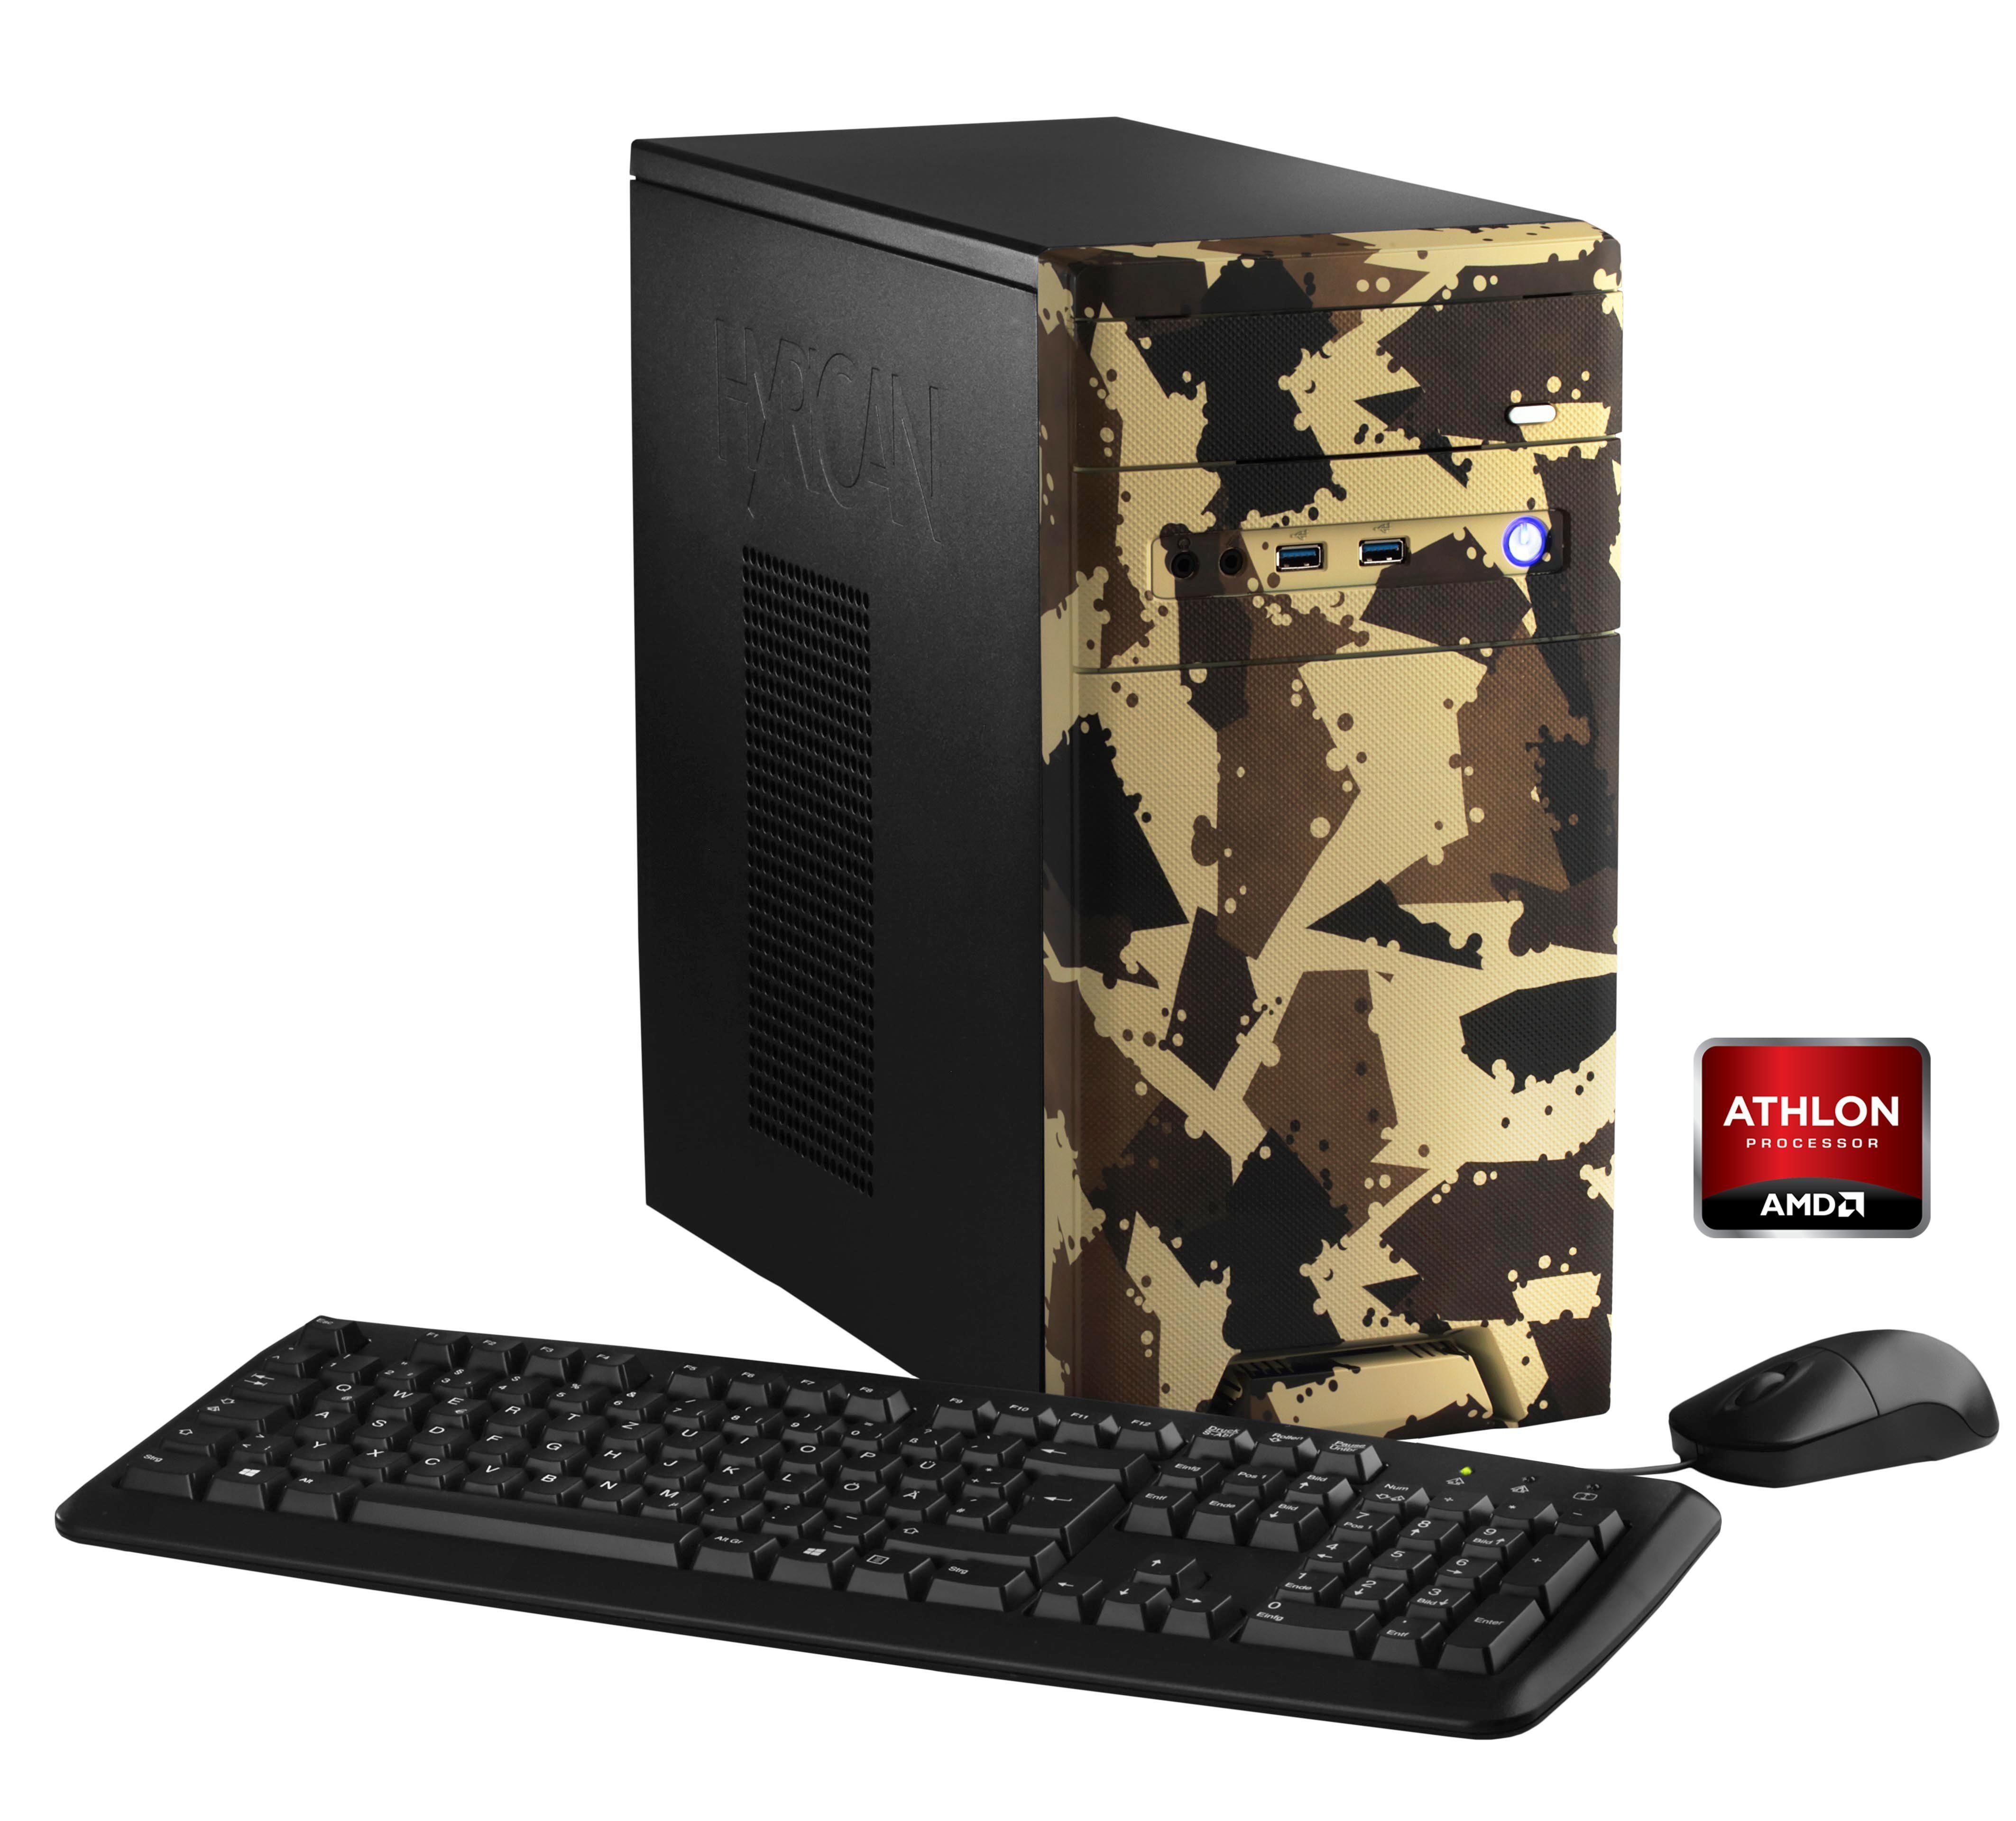 Hyrican PC AMD Athlon X4 880K, 16GB, SSD + HDD, Geforce™ GTX 1050 »CyberGamer desert 5356 «